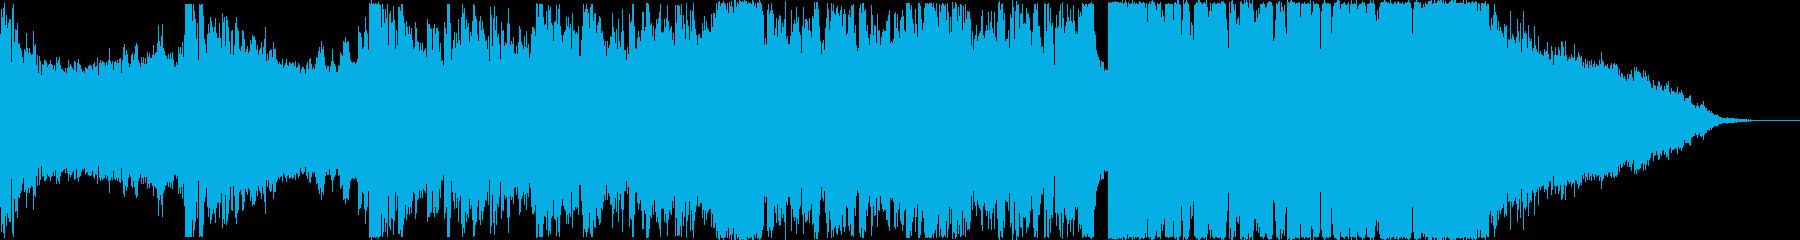 決戦の始まりのような高揚感のあるEDMの再生済みの波形